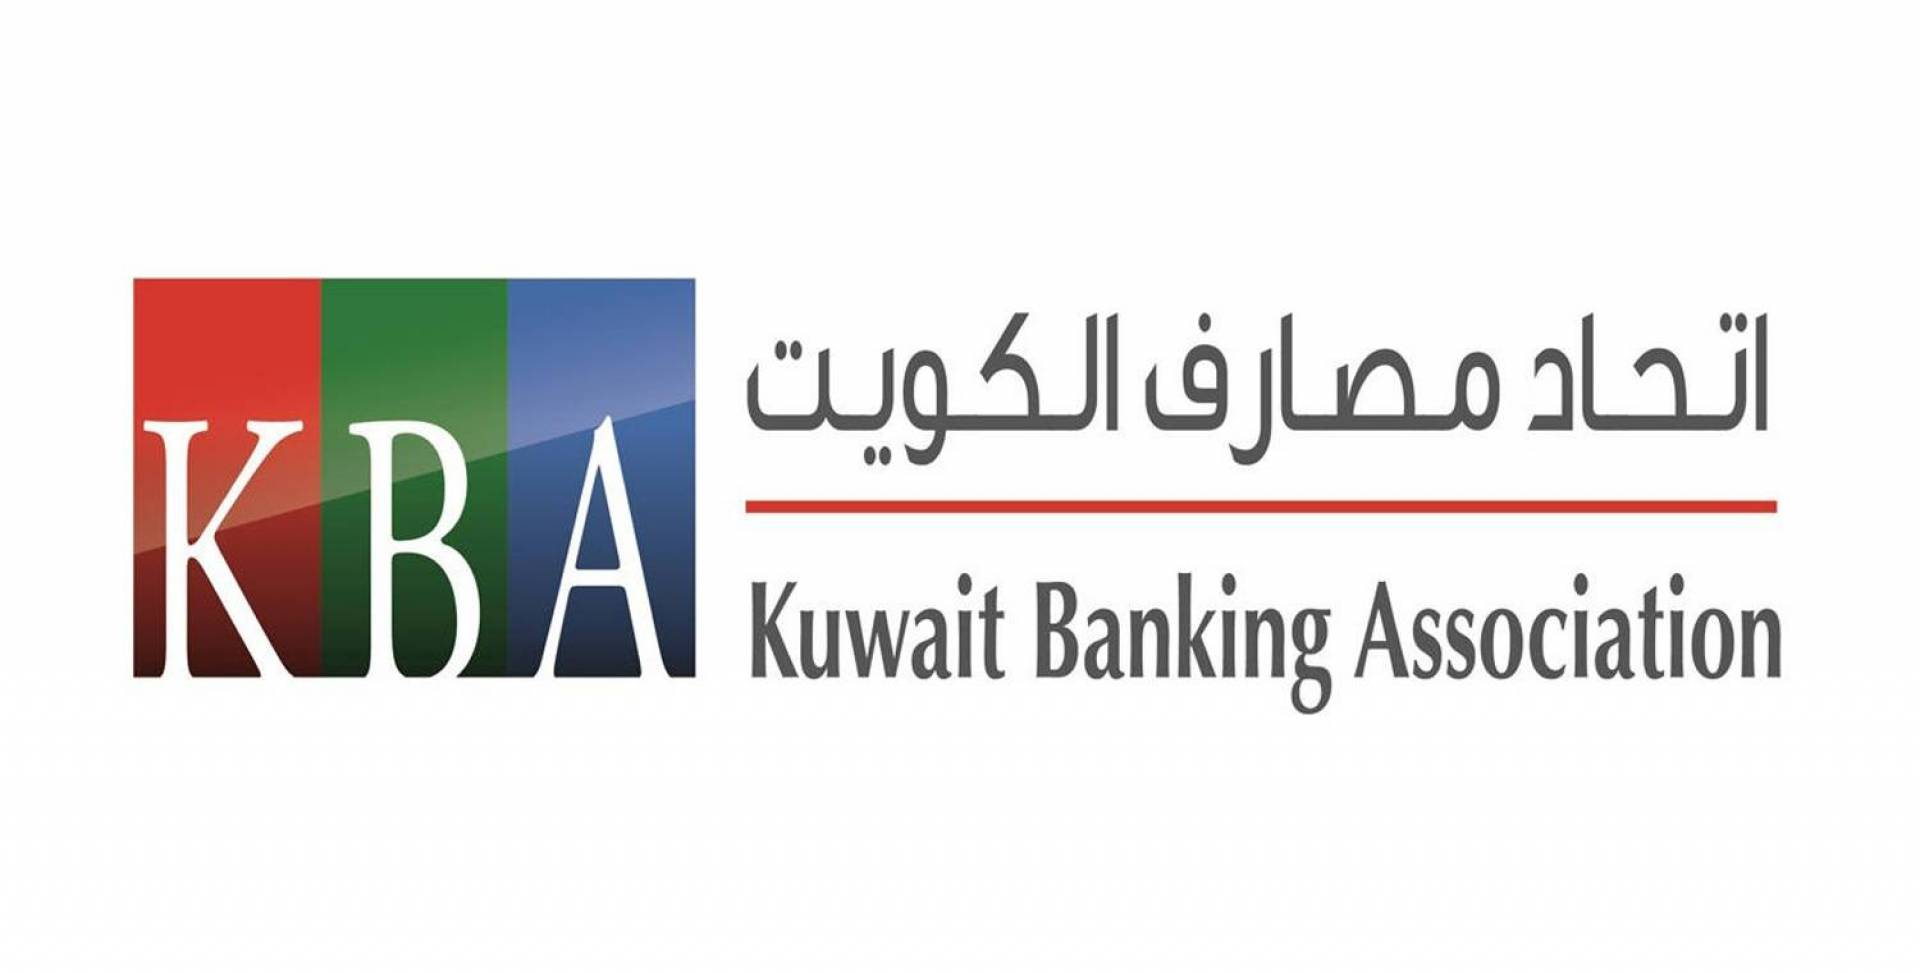 اتحاد المصارف: تعطيل أعمال البنوك الثلاثاء والأربعاء والخميس المقبلة